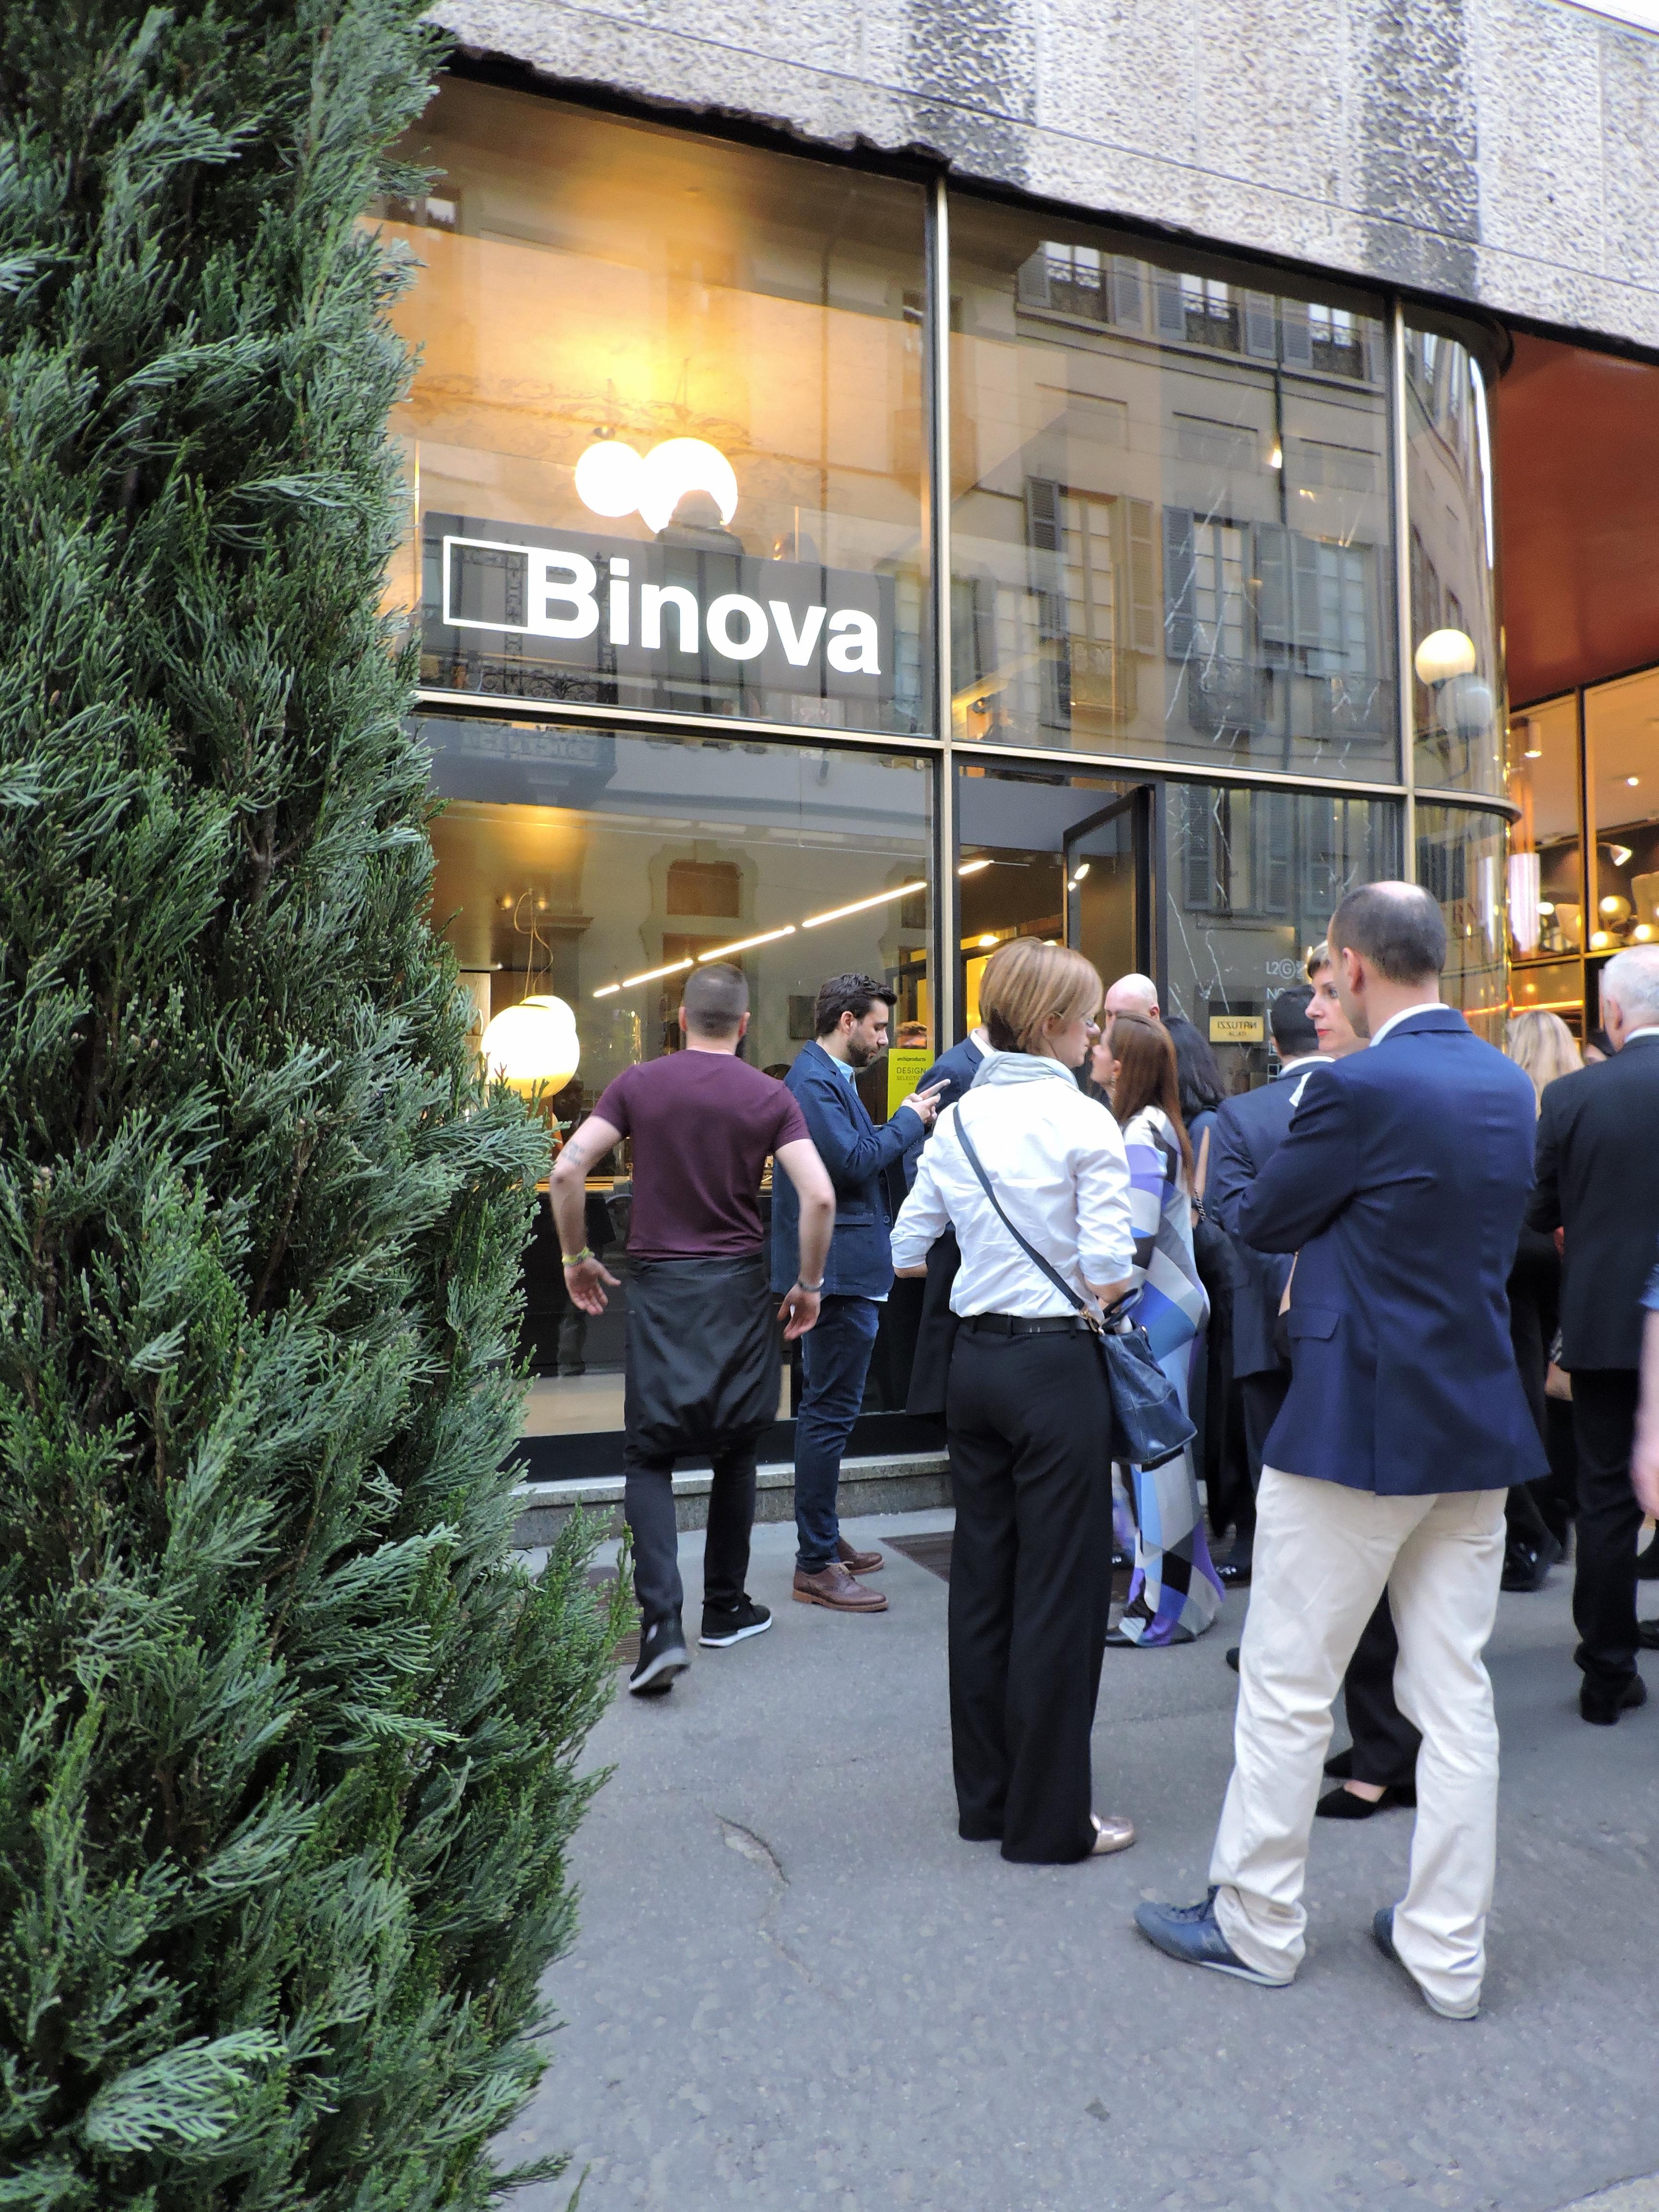 salone internazionale del mobile 2018 - binova milano via durini 07